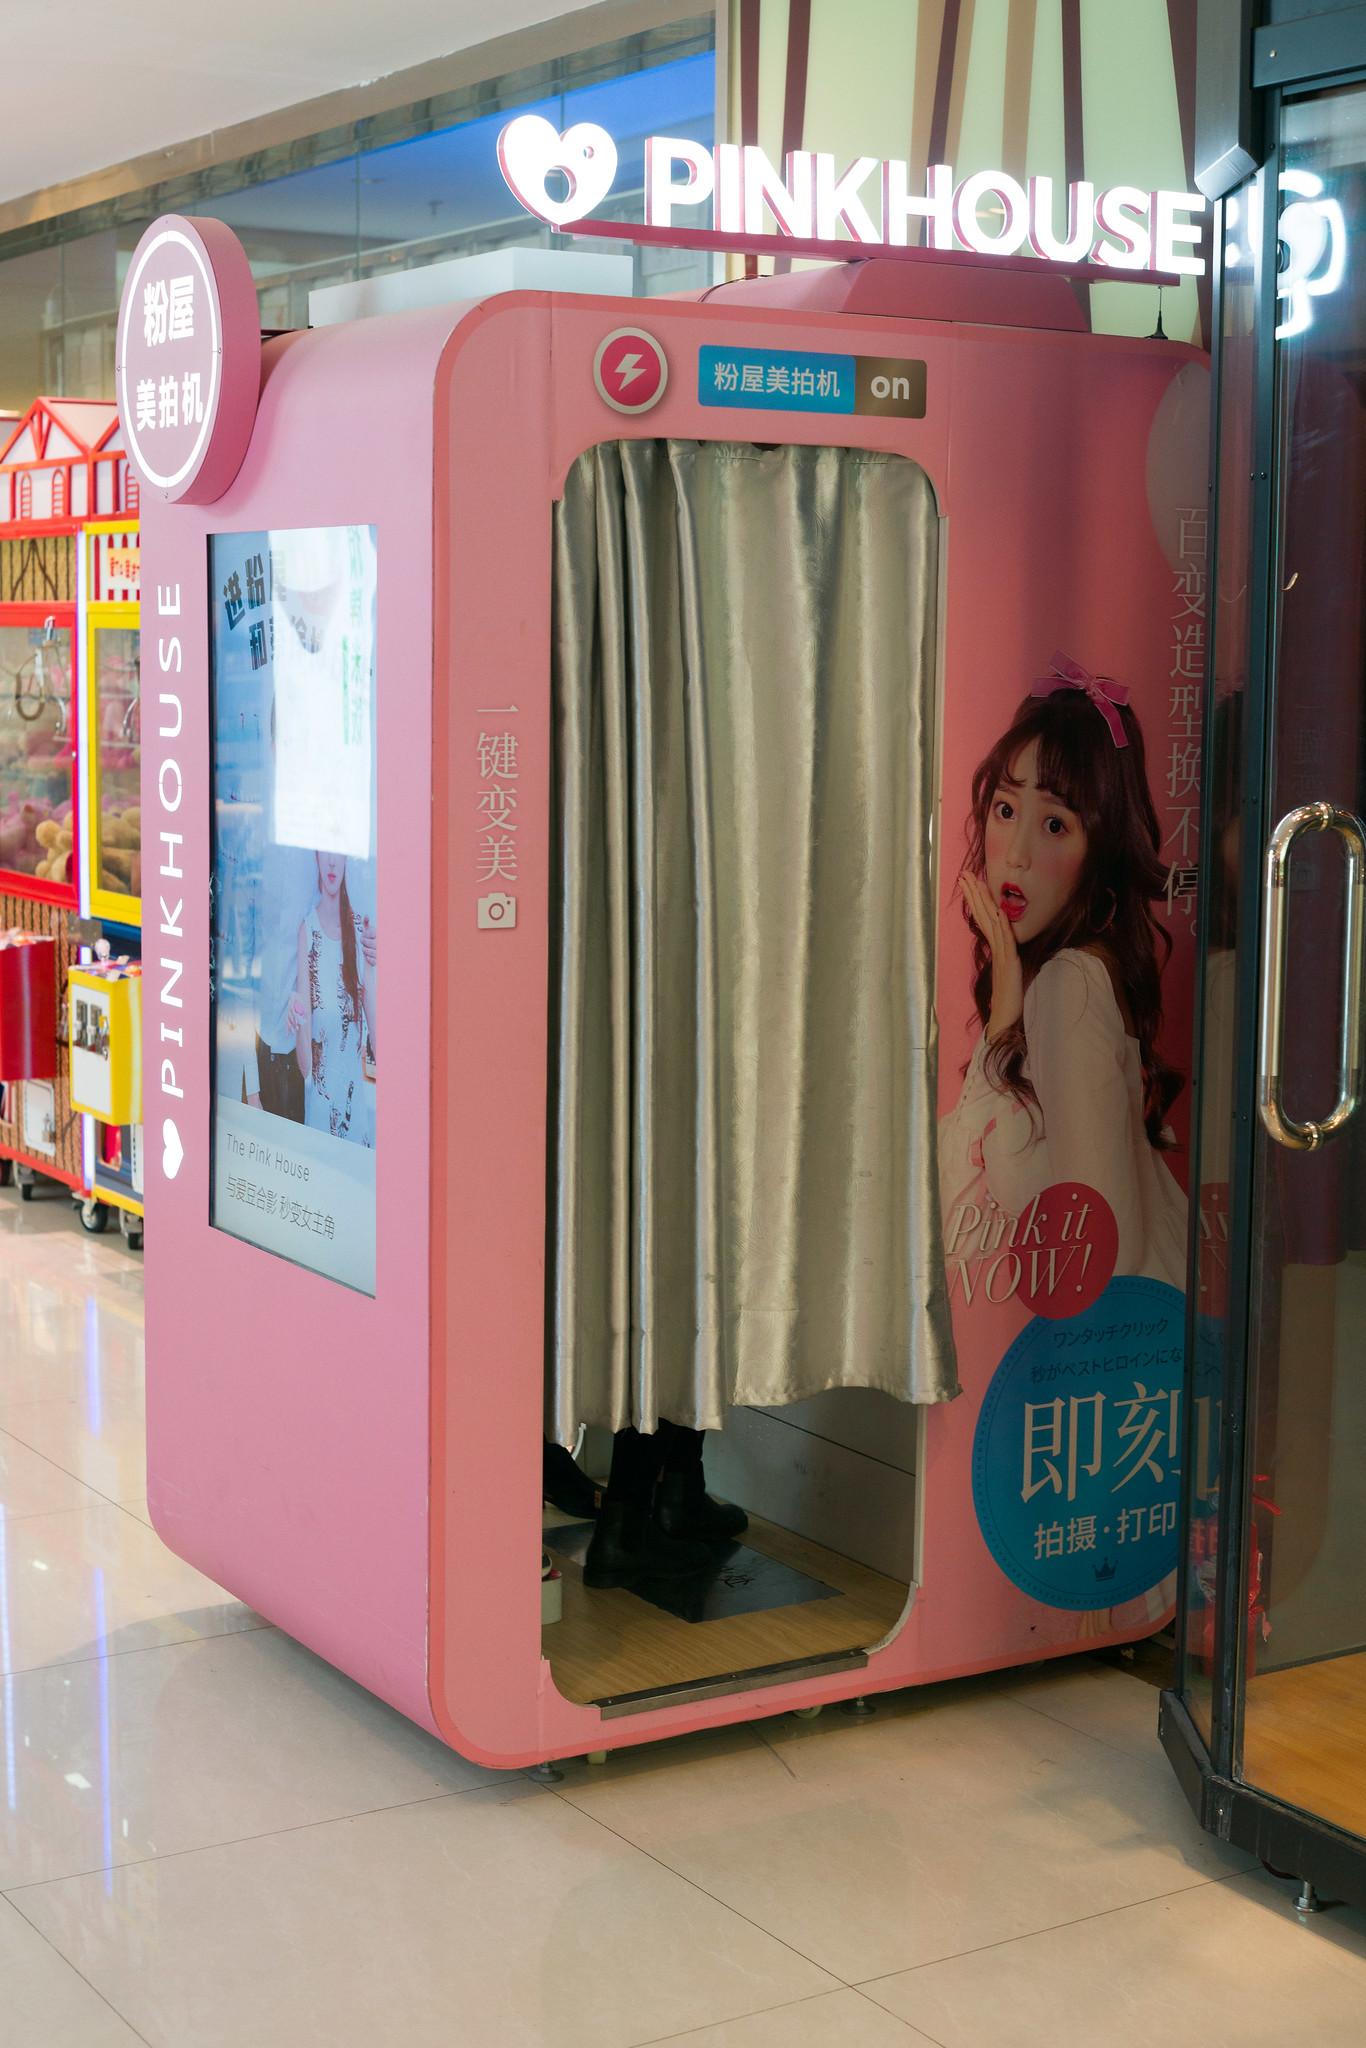 Automat pinkhouse_2